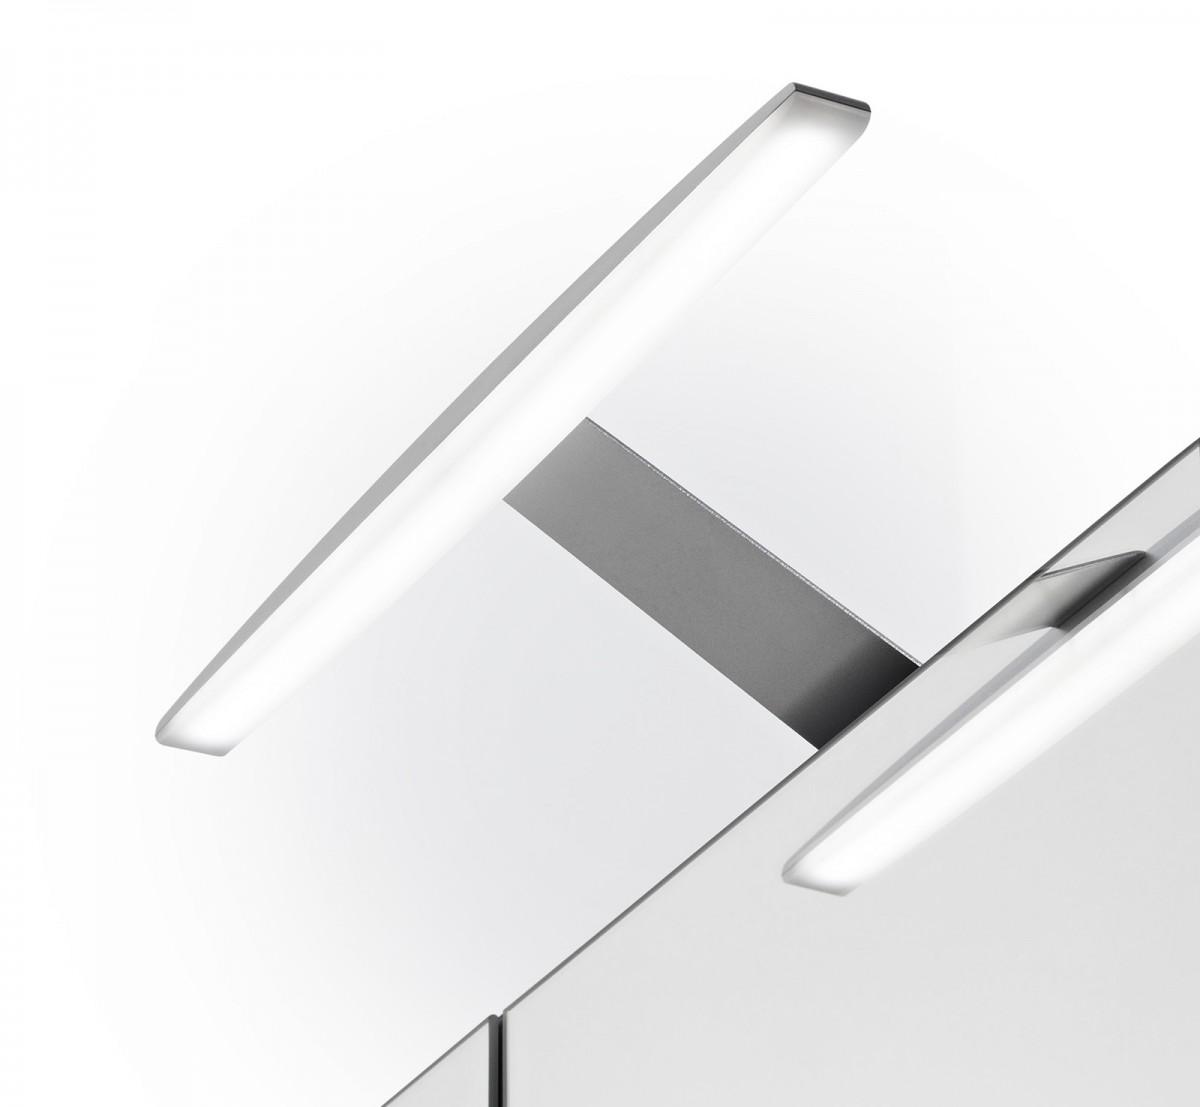 Badmöbel-Set ELEGANCE 2-teilig mit Beleuchtung Weiß  – Bild 5